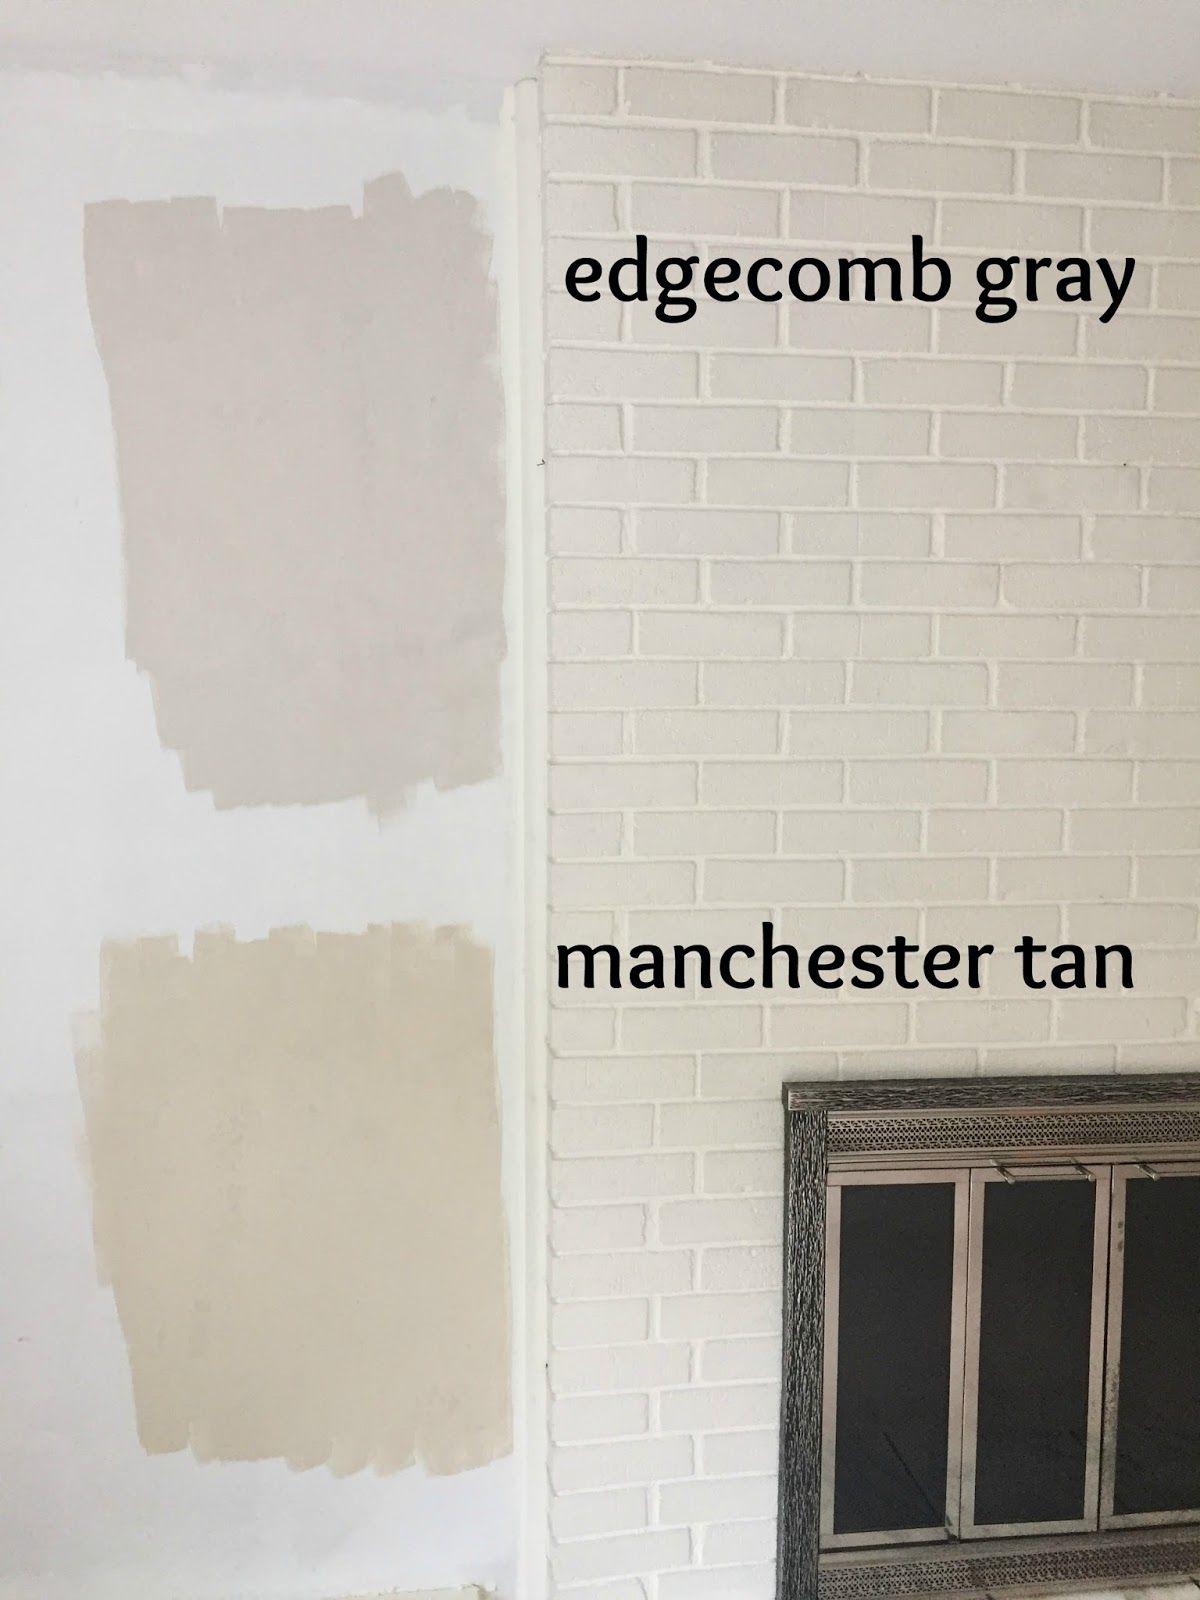 Best Manchester Tan Vs Edgecomb Gray Edgecomb Gray 400 x 300